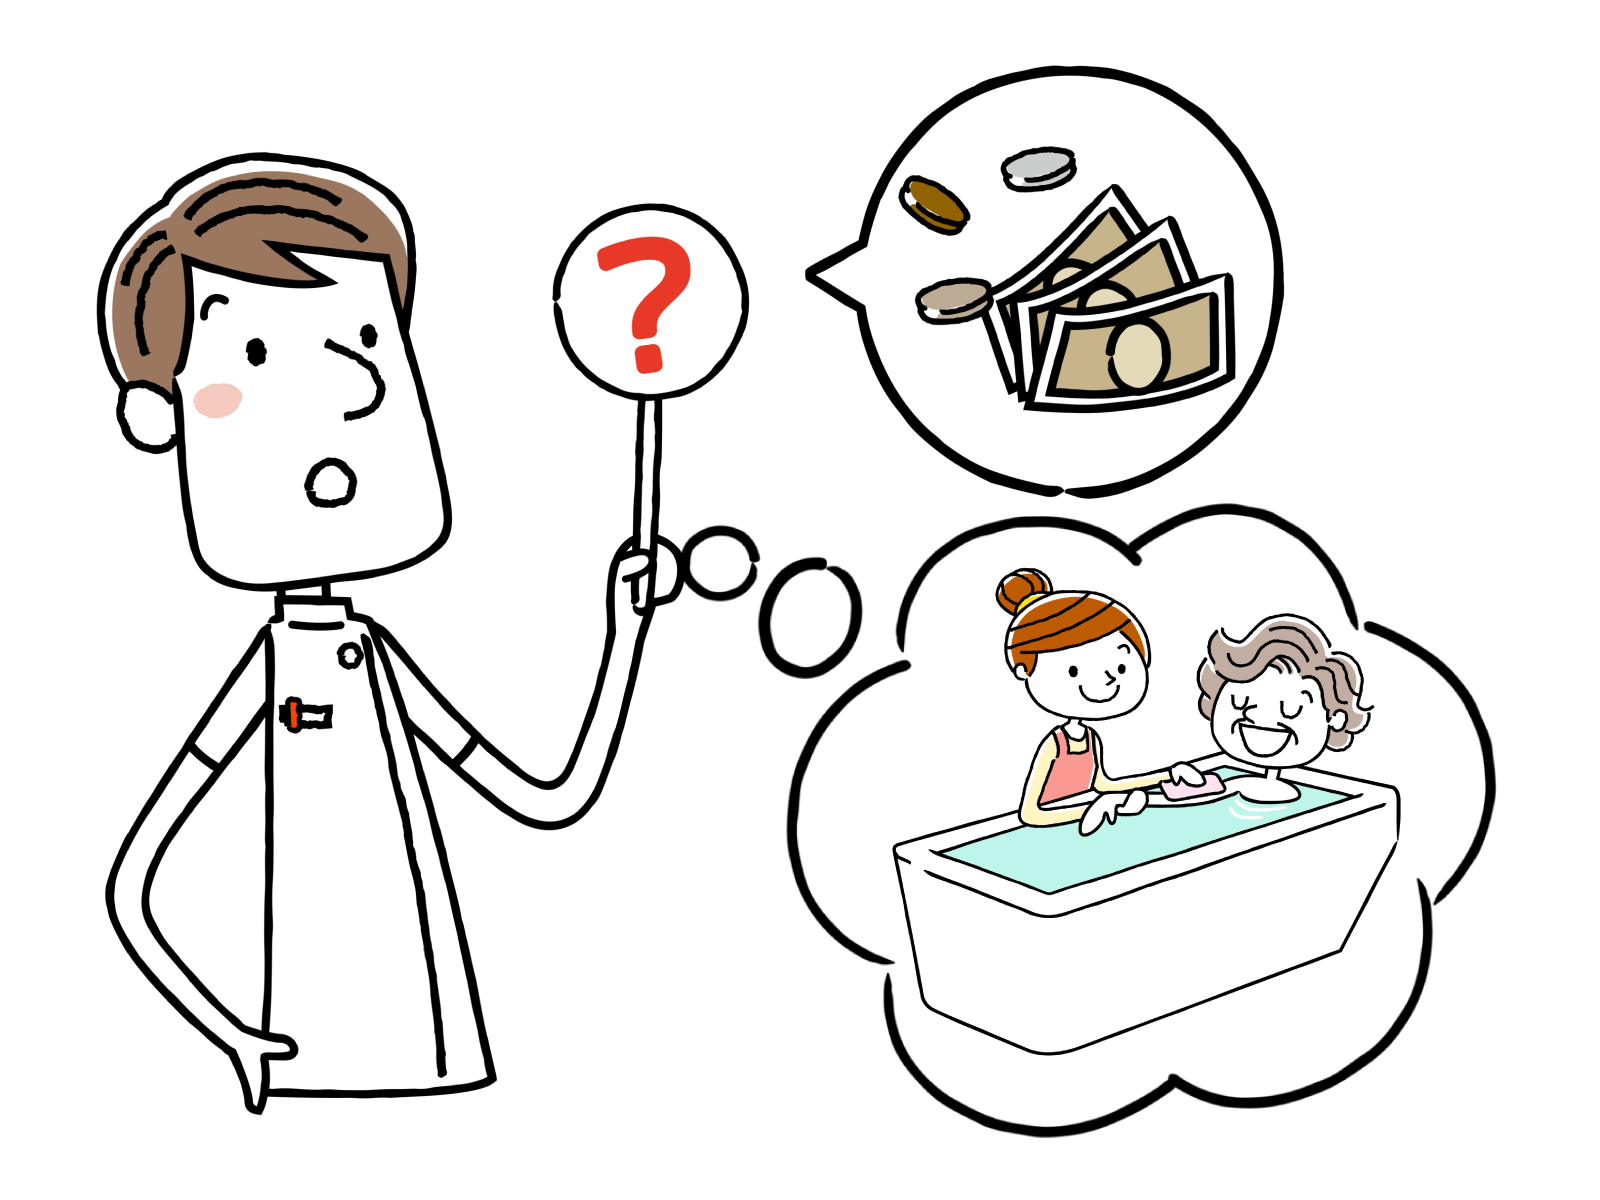 執務者研修修了者の初任給を紹介のイメージイラスト